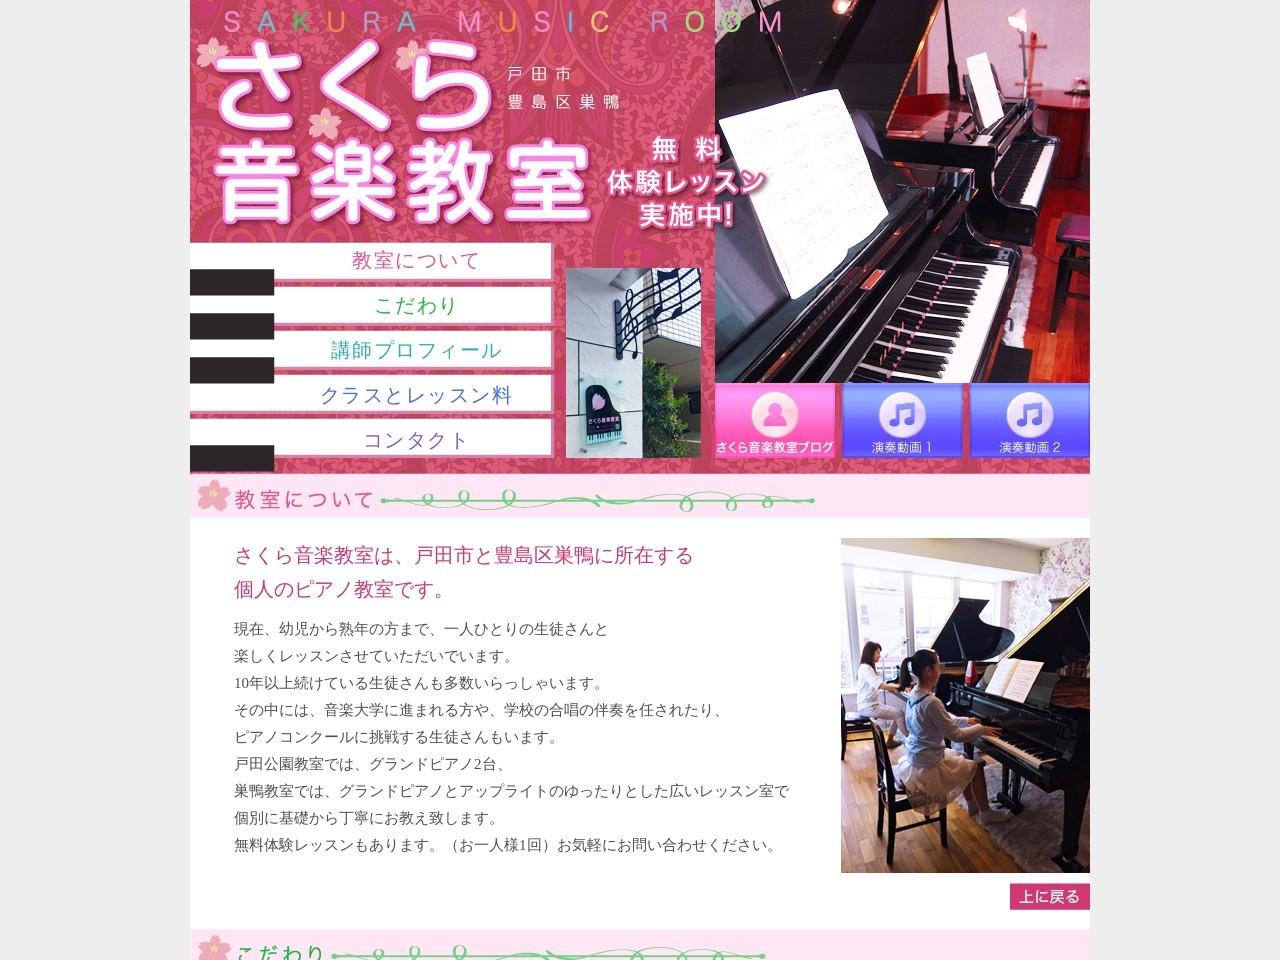 さくら音楽教室(戸田教室)のサムネイル